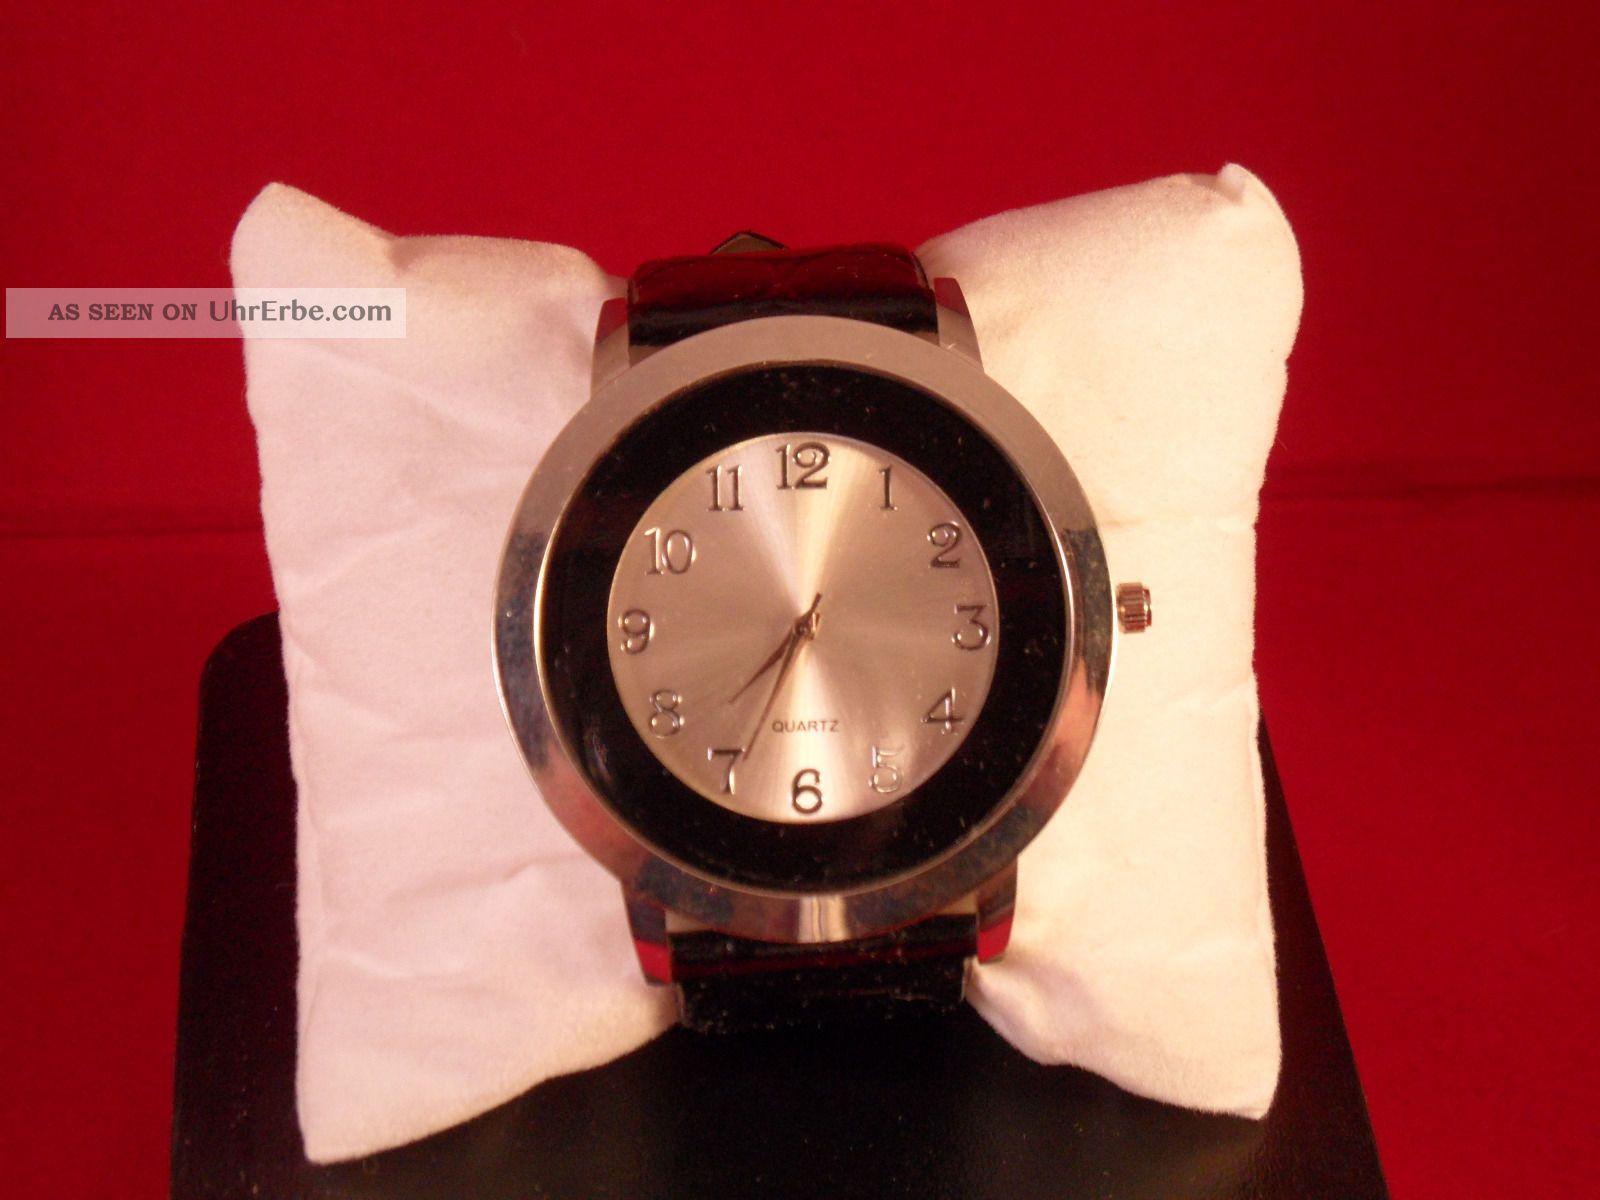 moderne trendige damen armbanduhr fb schwarz. Black Bedroom Furniture Sets. Home Design Ideas